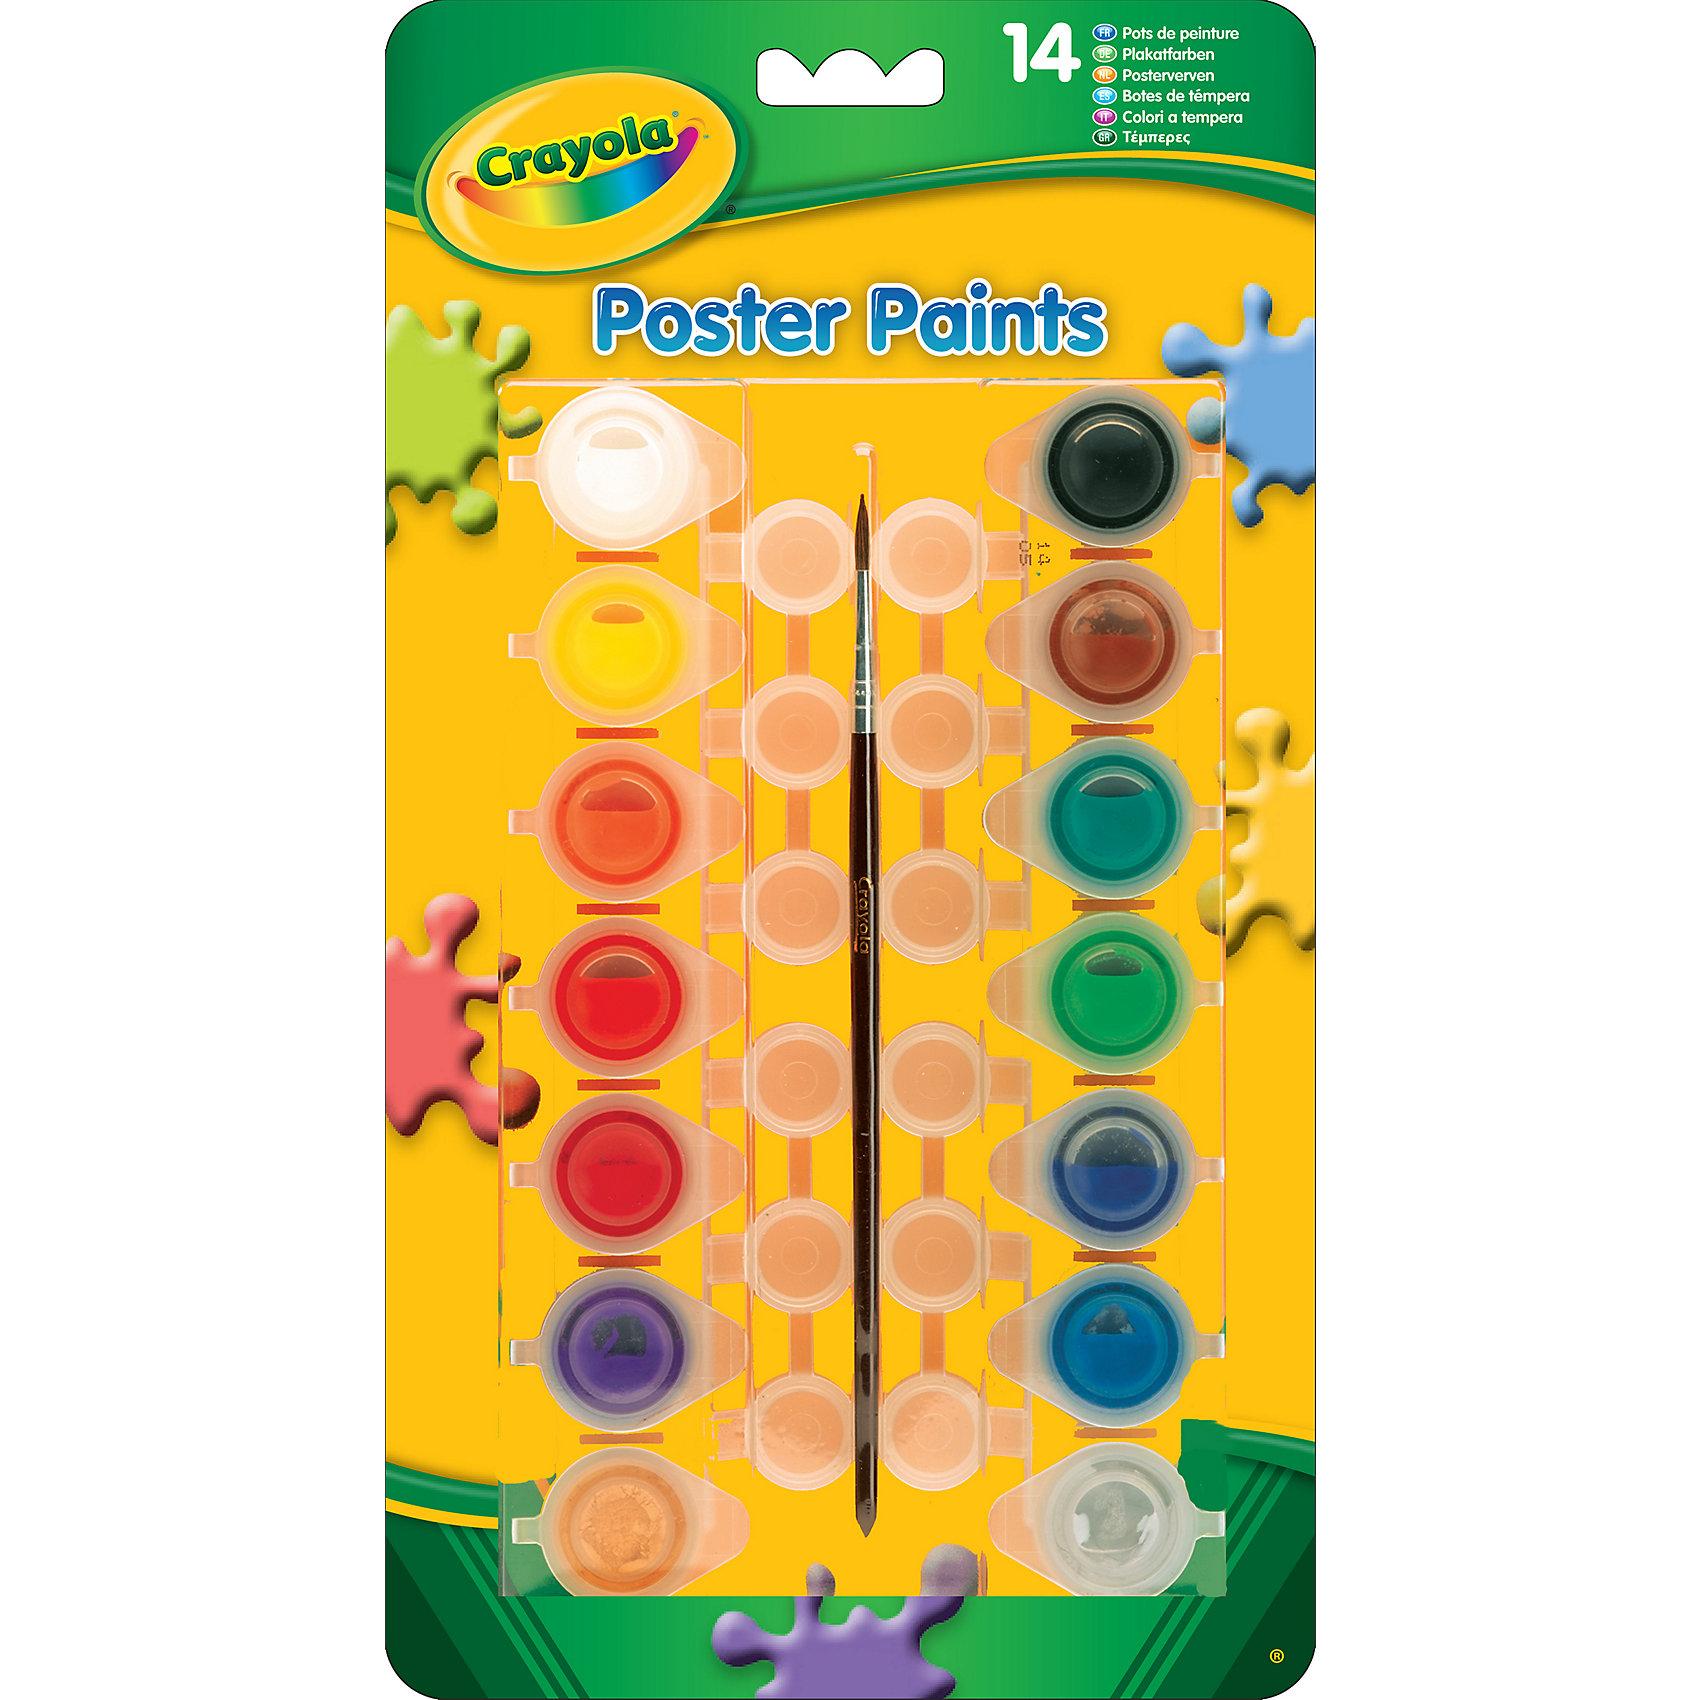 Crayola Набор красокНабор красок от Crayola, 14 цветов. <br><br>Способствует творческому развитию ребенка. <br><br>Краски от Crayola – это гарантия качества и безопасности для вашего ребенка. В их составе – только экологически чистые, не токсичные и не вызывающие аллергии красители, которые не раздражают нежную детскую кожу при случайном попадании. <br><br>Краски легко смываются с рук малыша теплой водой и с одежды, пригодной для стирки в обычном режиме.<br><br>Дополнительная информация:<br><br>В набор входит 14 баночек с гуашевой краской разных цветов,а так же кисточка и палитра для их смешивания. <br><br>Чистые яркие цвета станут для ребенка отличной мотивацией – ведь обучаться рисованию с ними особенно легко и приятно.<br><br>Ширина мм: 150<br>Глубина мм: 200<br>Высота мм: 220<br>Вес г: 160<br>Возраст от месяцев: 36<br>Возраст до месяцев: 1188<br>Пол: Унисекс<br>Возраст: Детский<br>SKU: 2149663